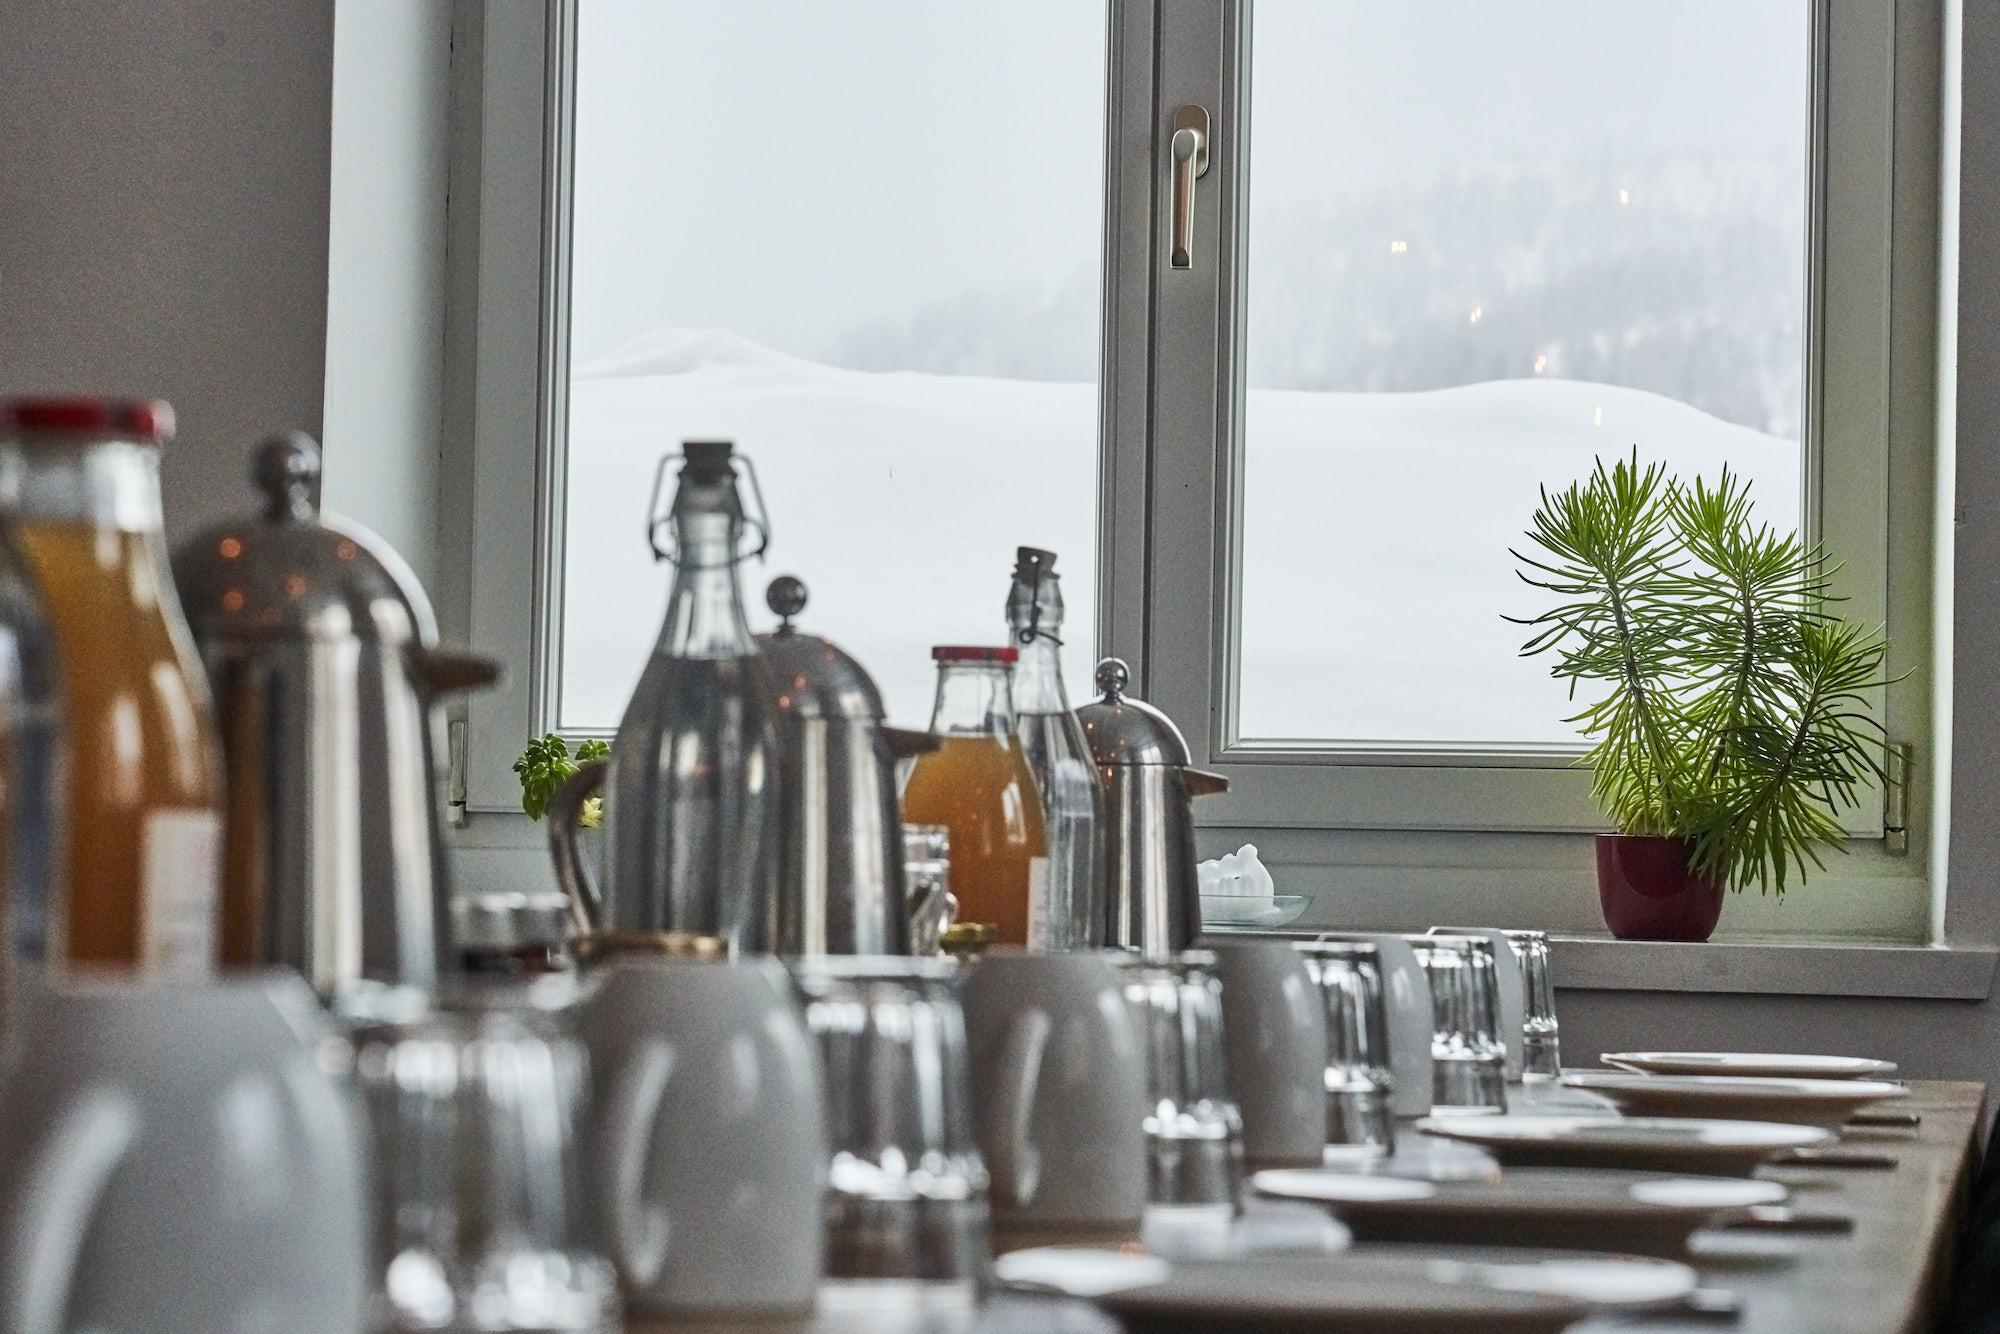 Breakfast in the Austrian Alps